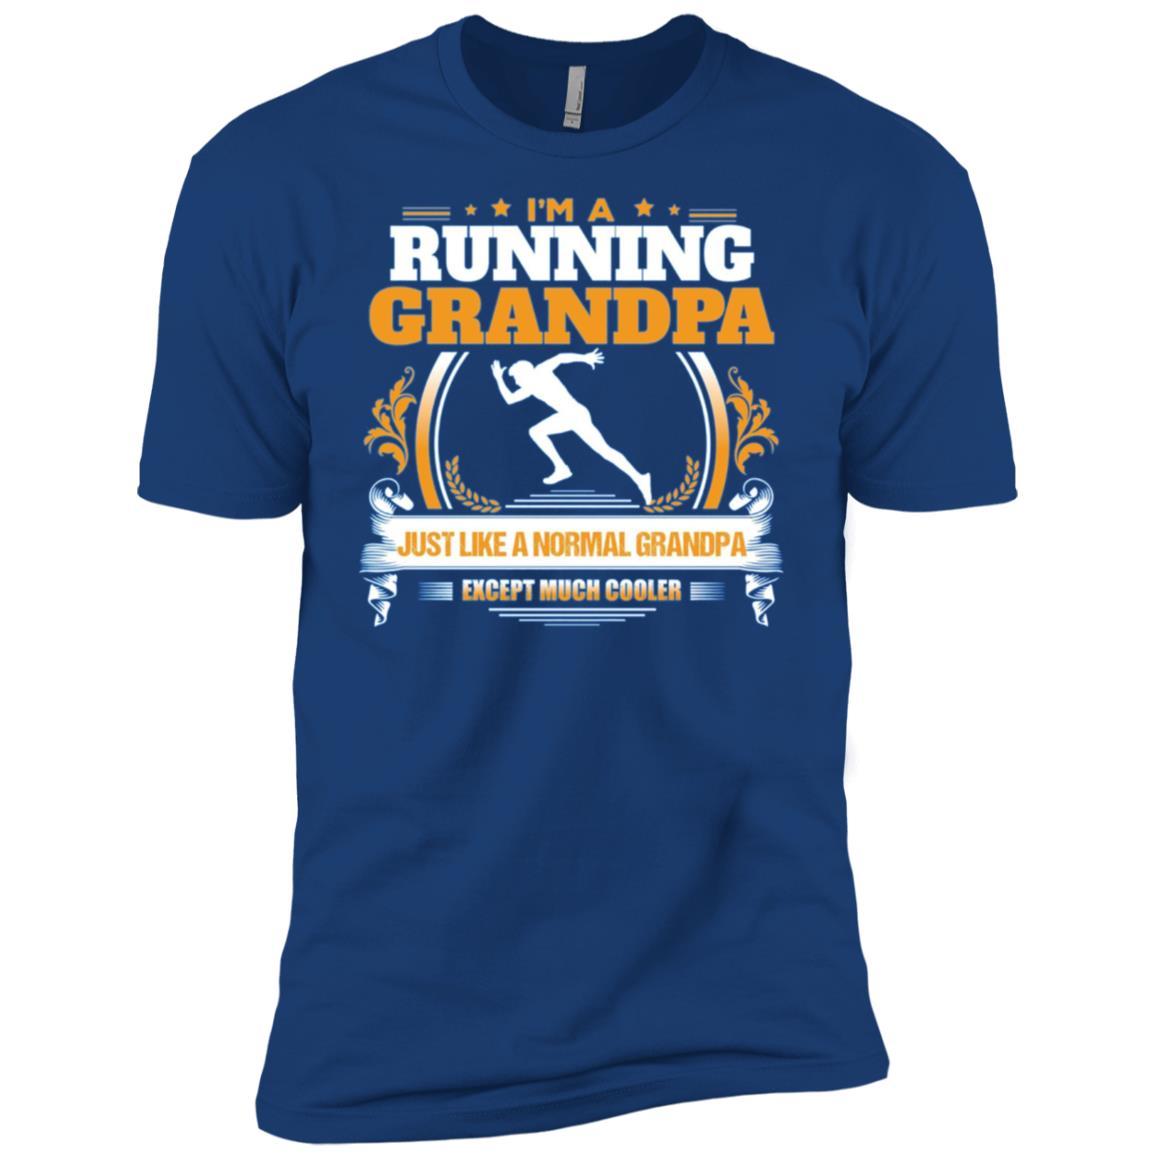 Funny Running Grandpa Christmas Gift for Grandpa Men Short Sleeve T-Shirt